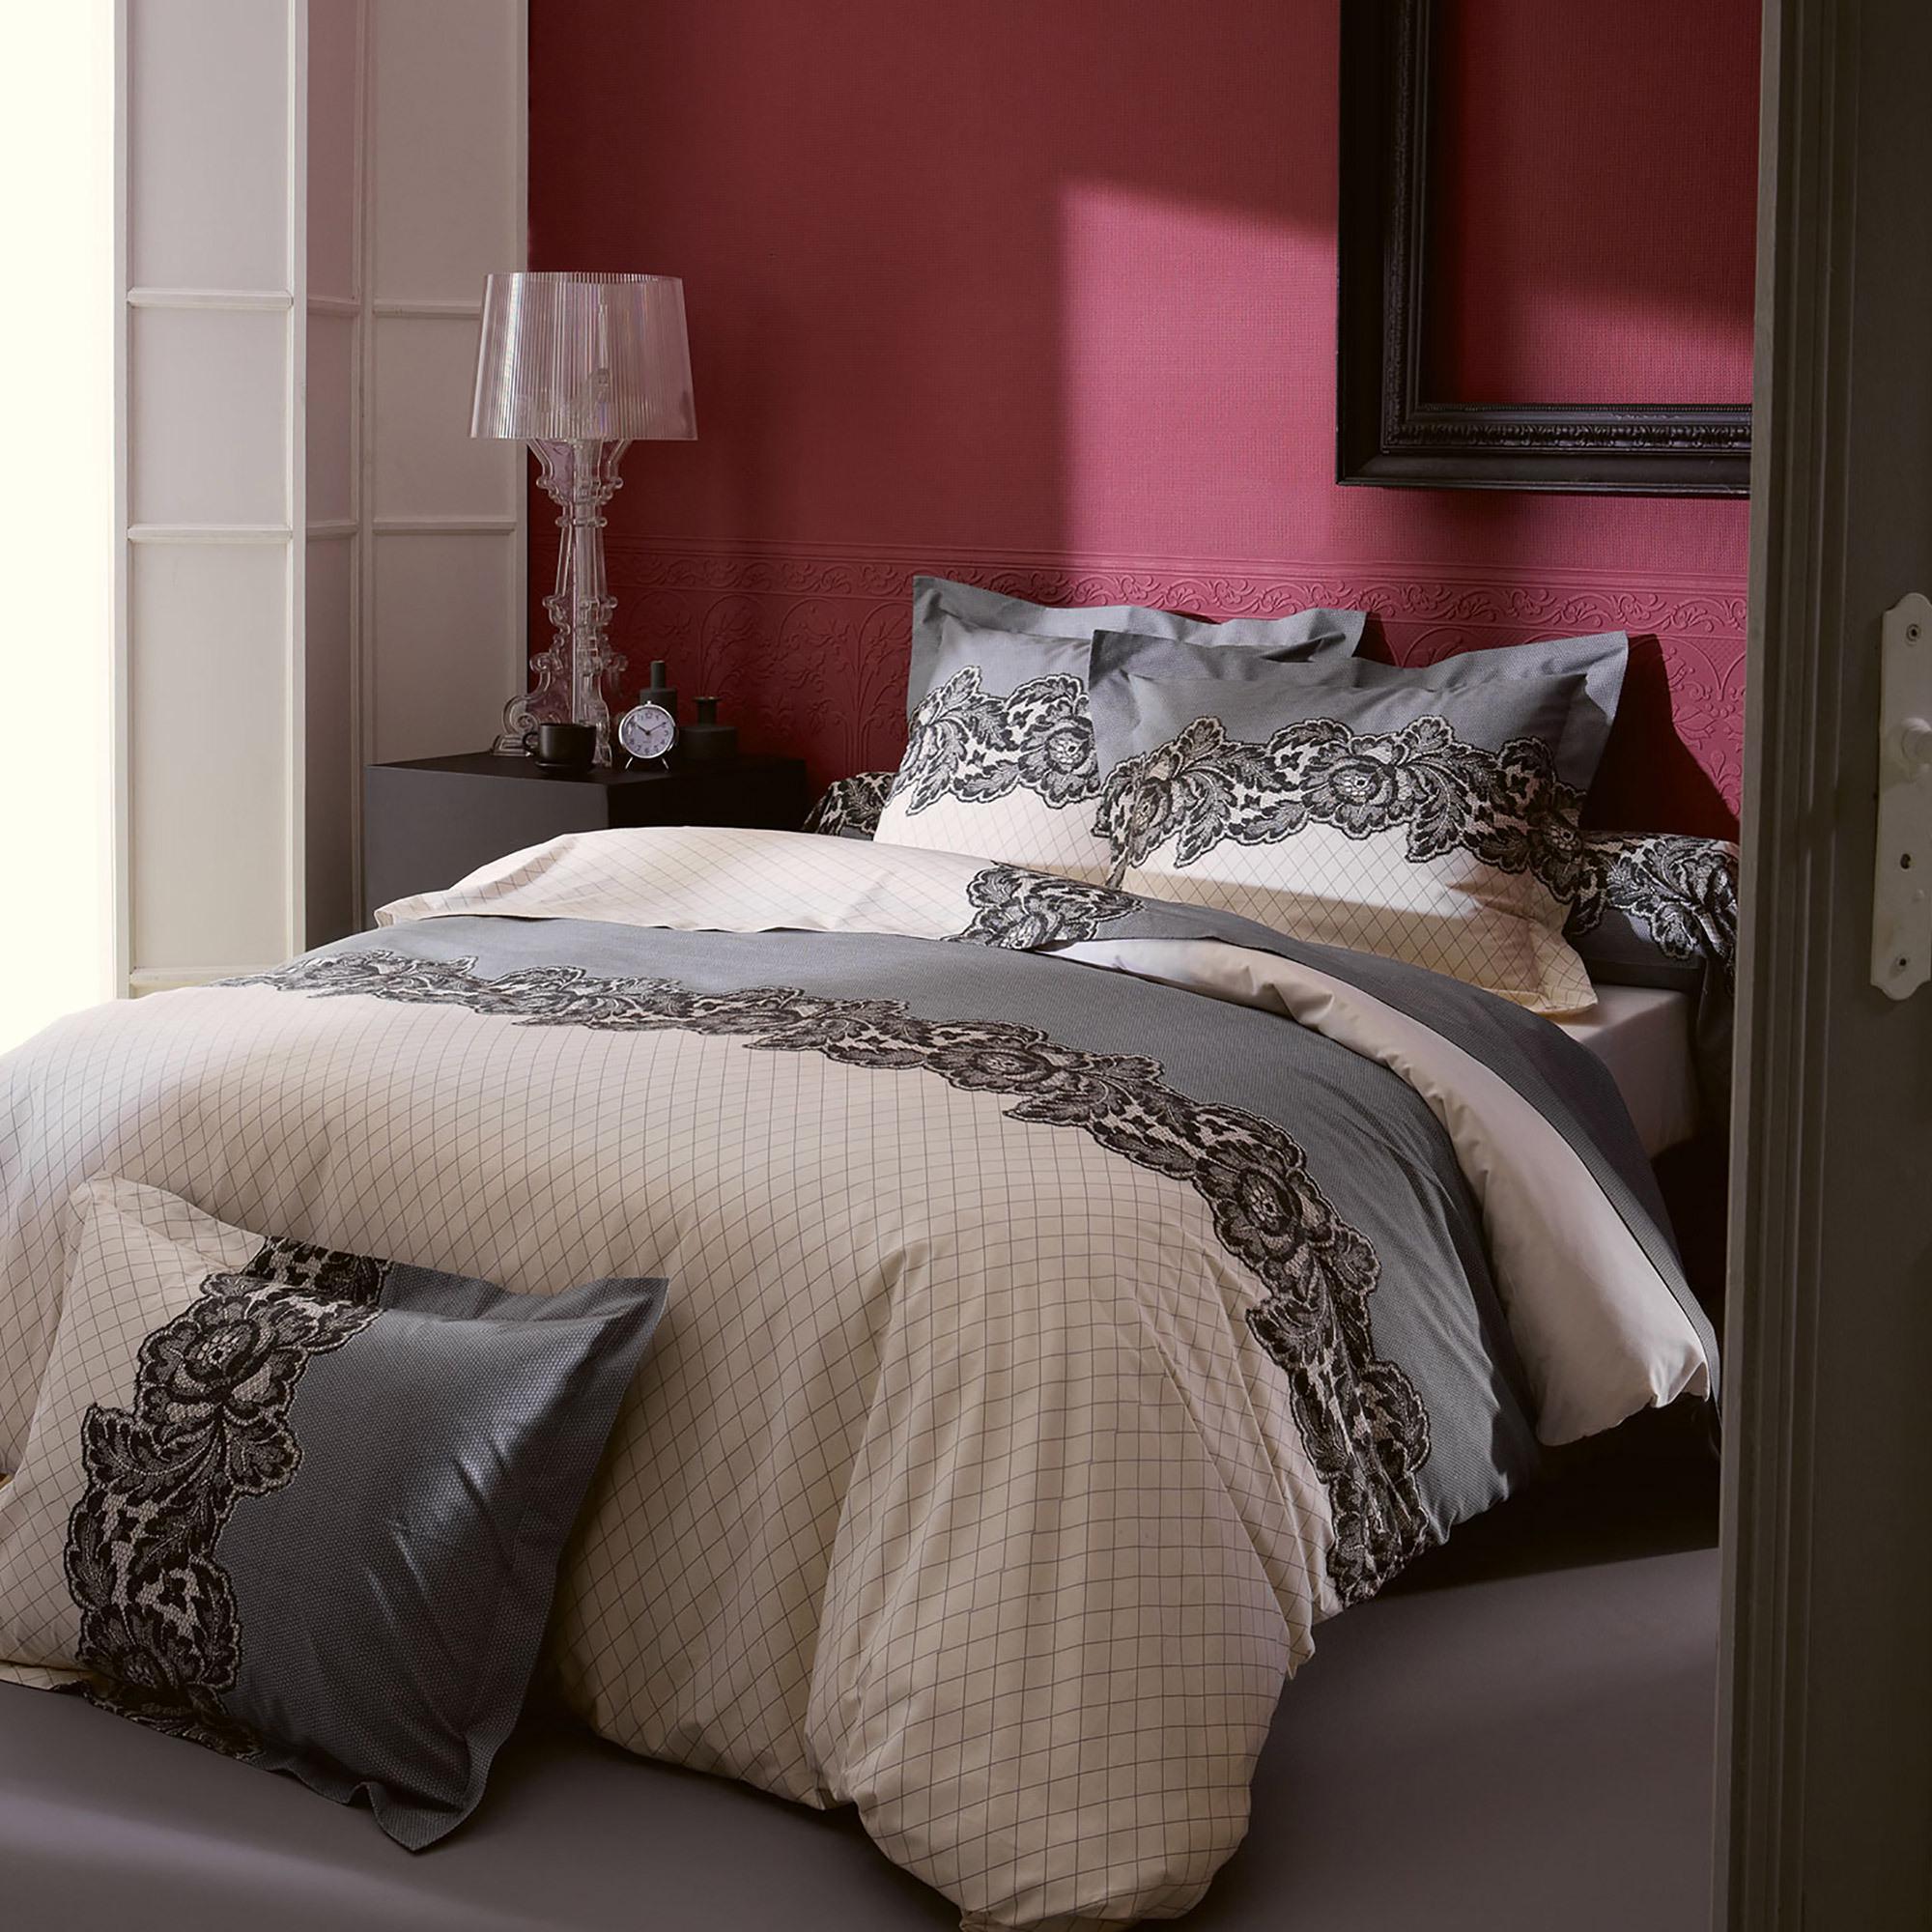 Parure de lit 140x200 cm MALICE | Linnea, linge de maison et